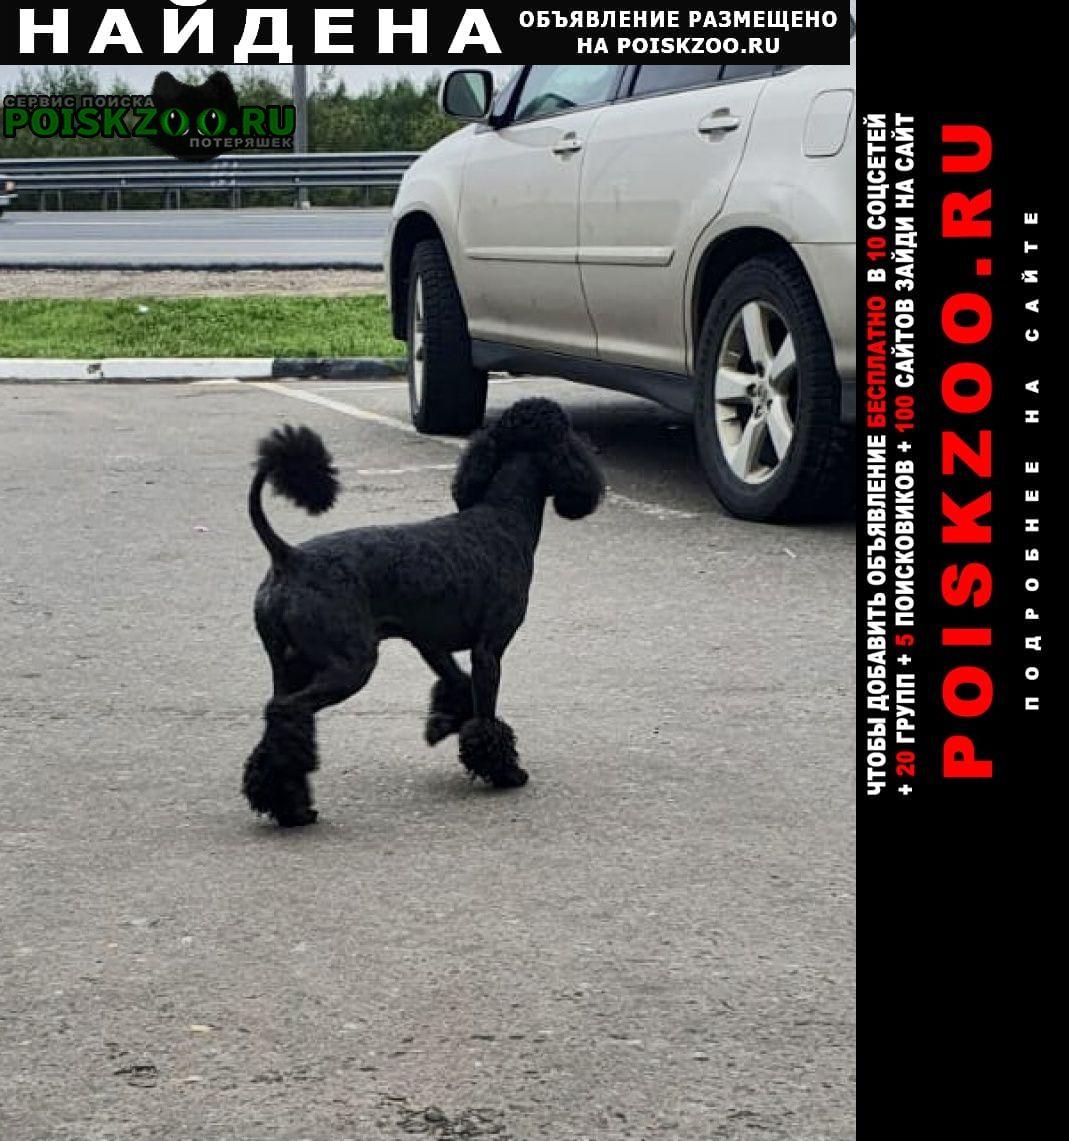 Найдена собака черный малый пудель Подольск